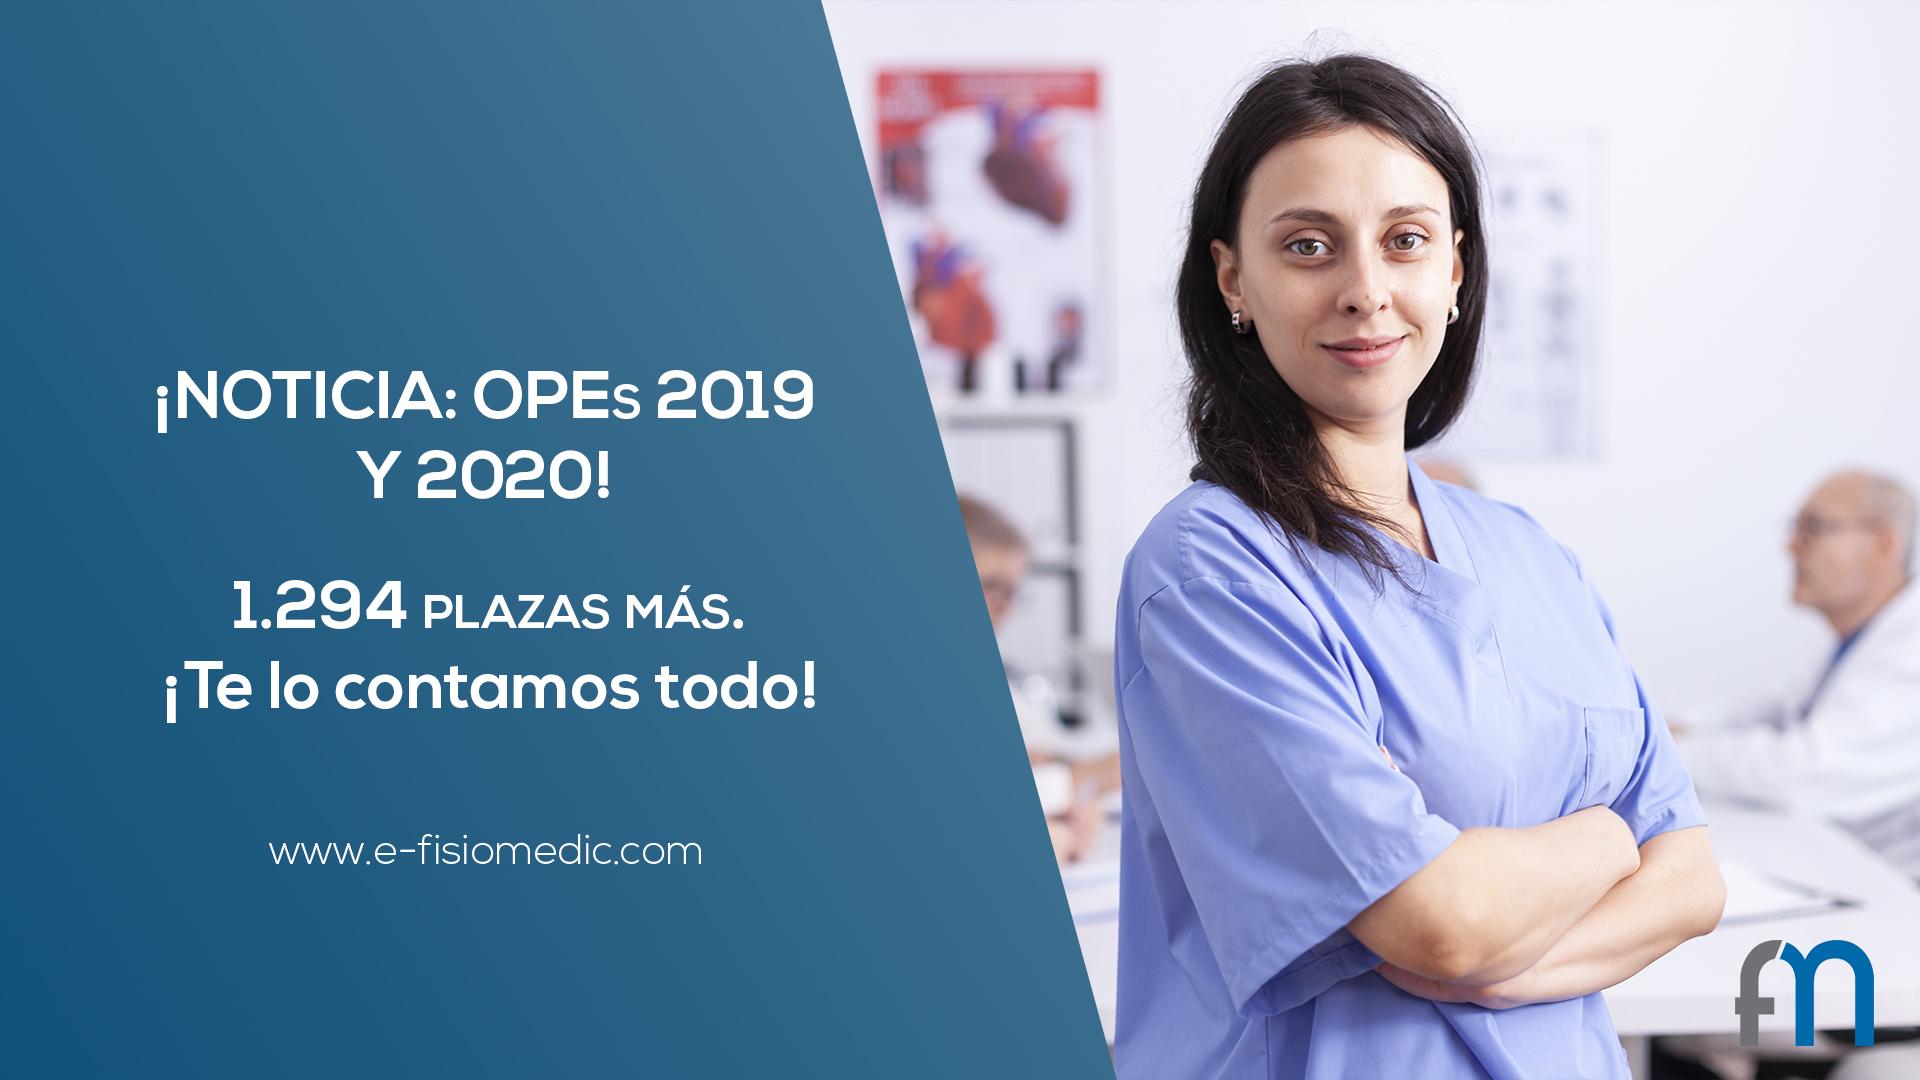 Noticia OPES 2019 y 2020